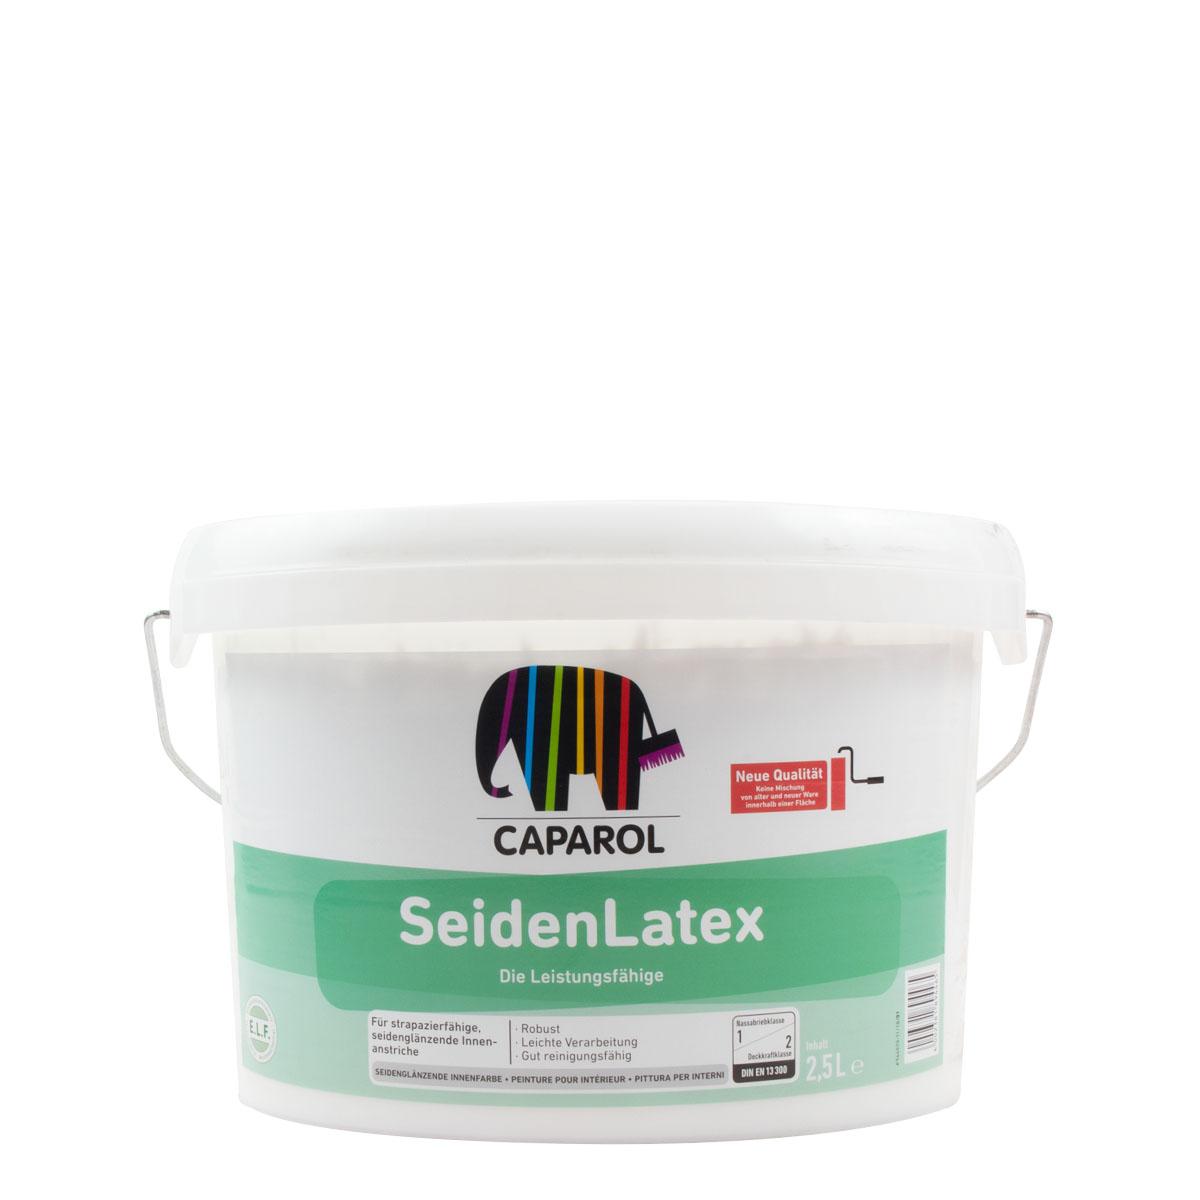 Caparol SeidenLatex 2,5L ,weiss, strapazierfähige Innenfarbe